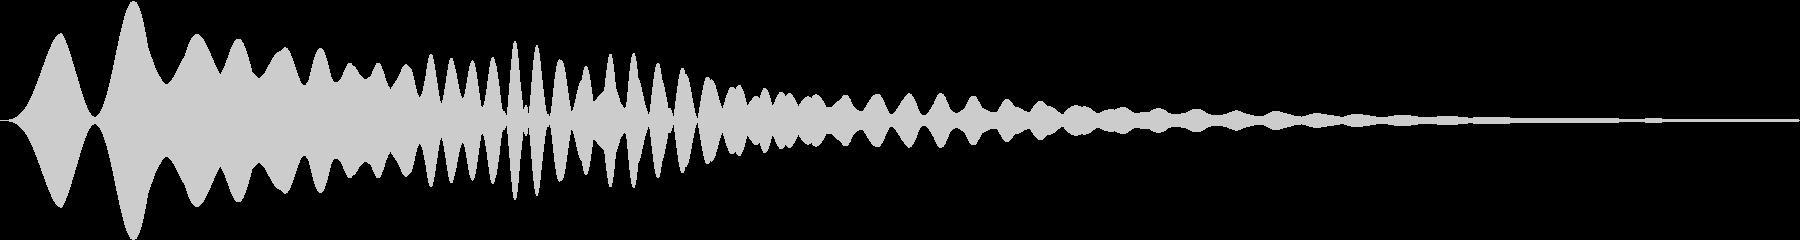 カーソル・決定・キャンセル音 「フォウ」の未再生の波形